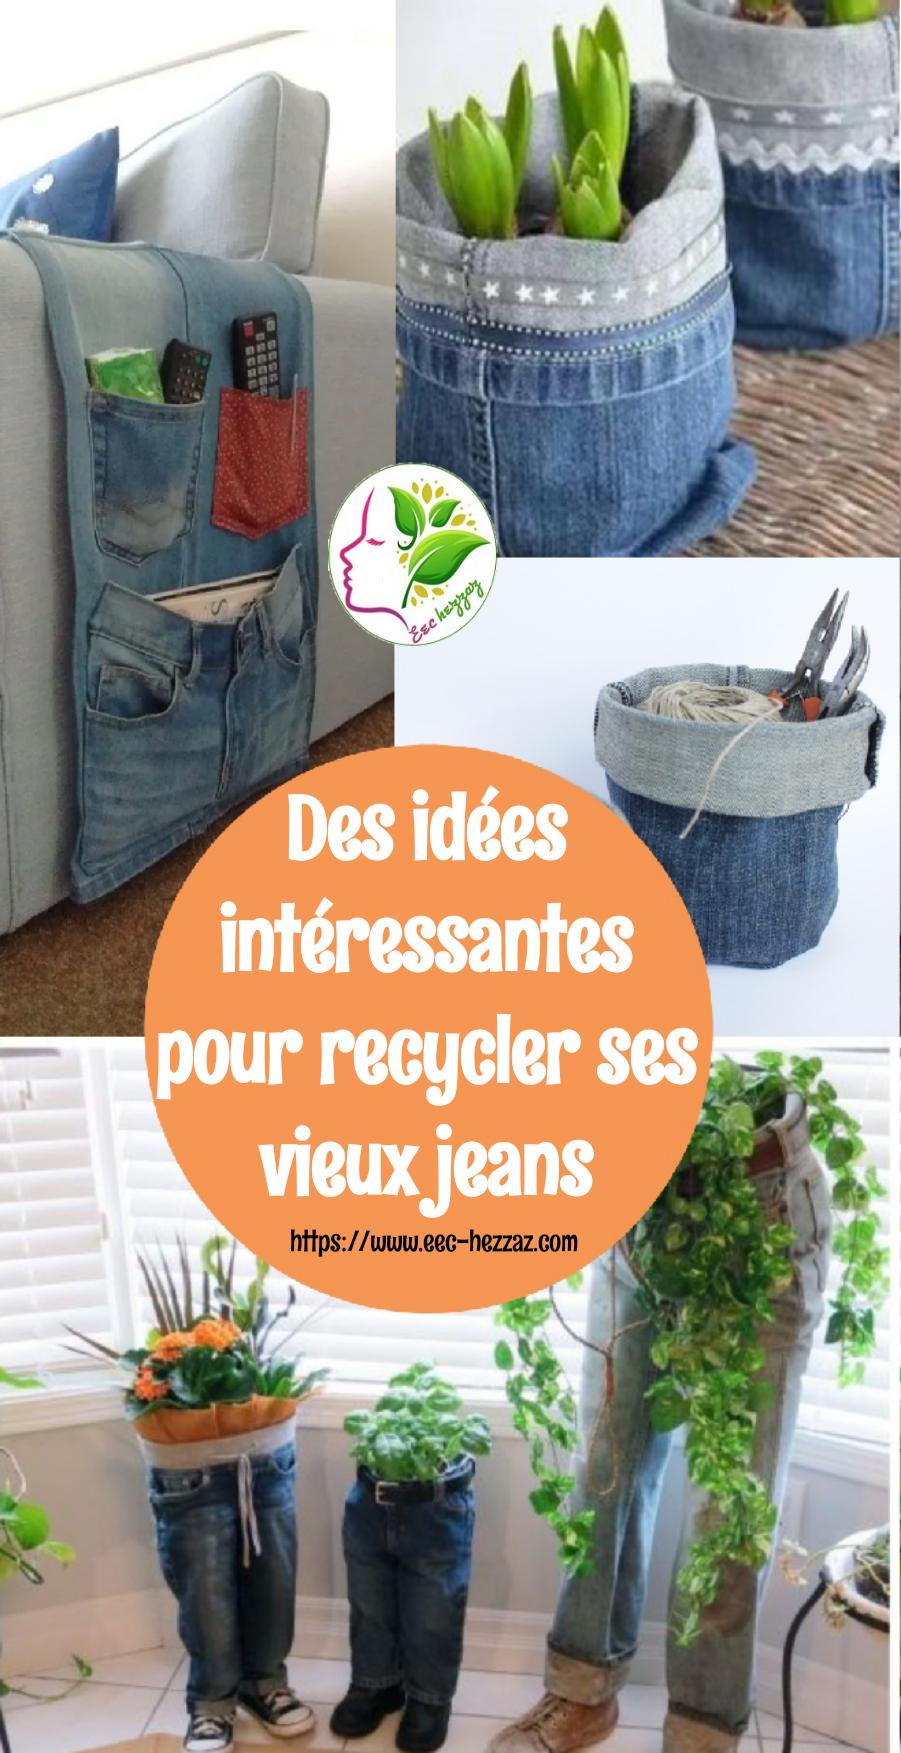 Des idées intéressantes pour recycler ses vieux jeans